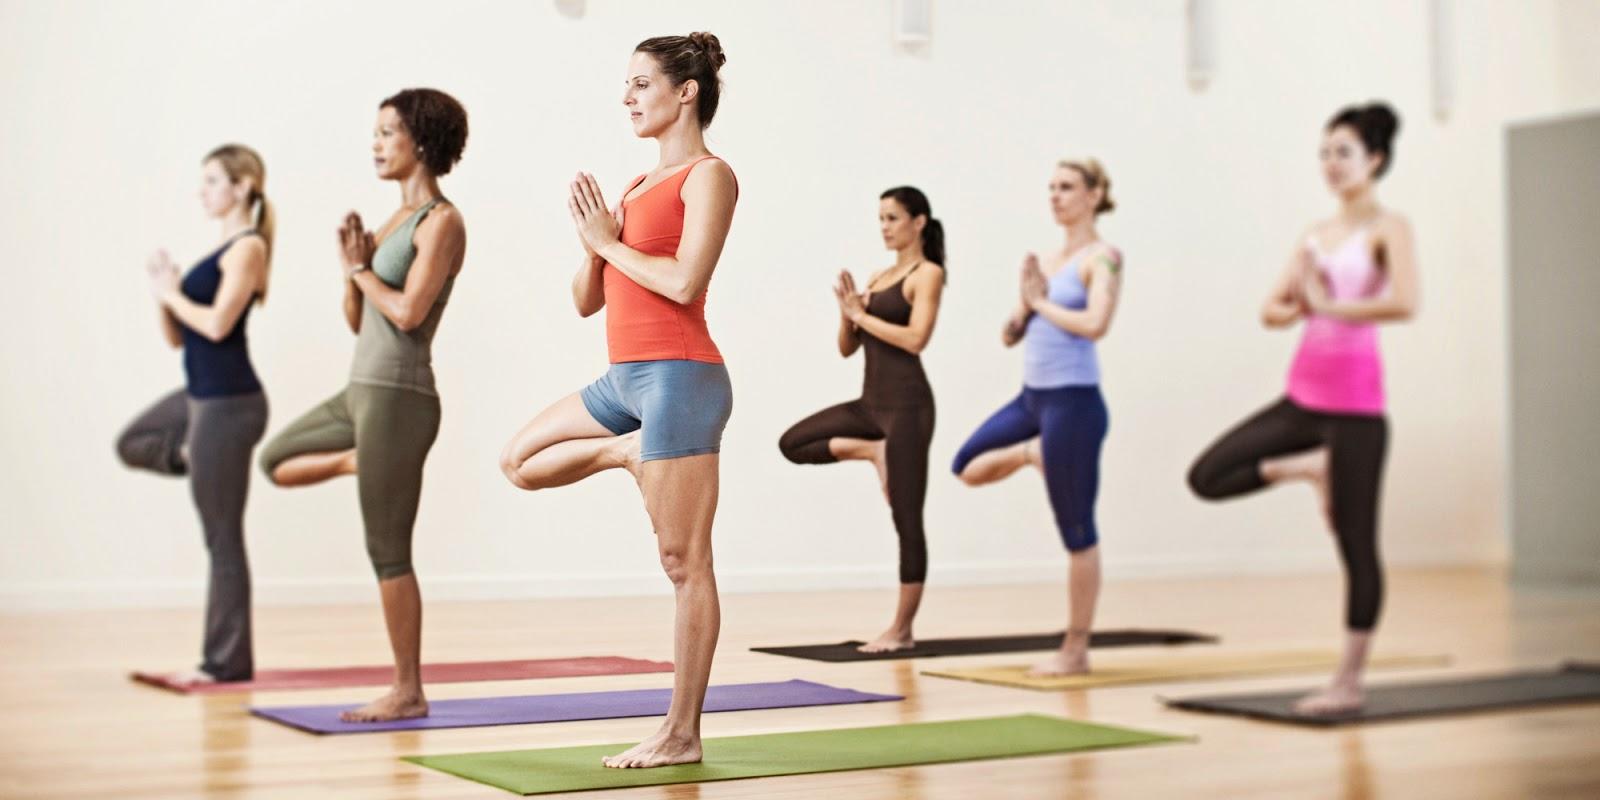 Manfaat Melakukan Yoga Bagi Tubuh